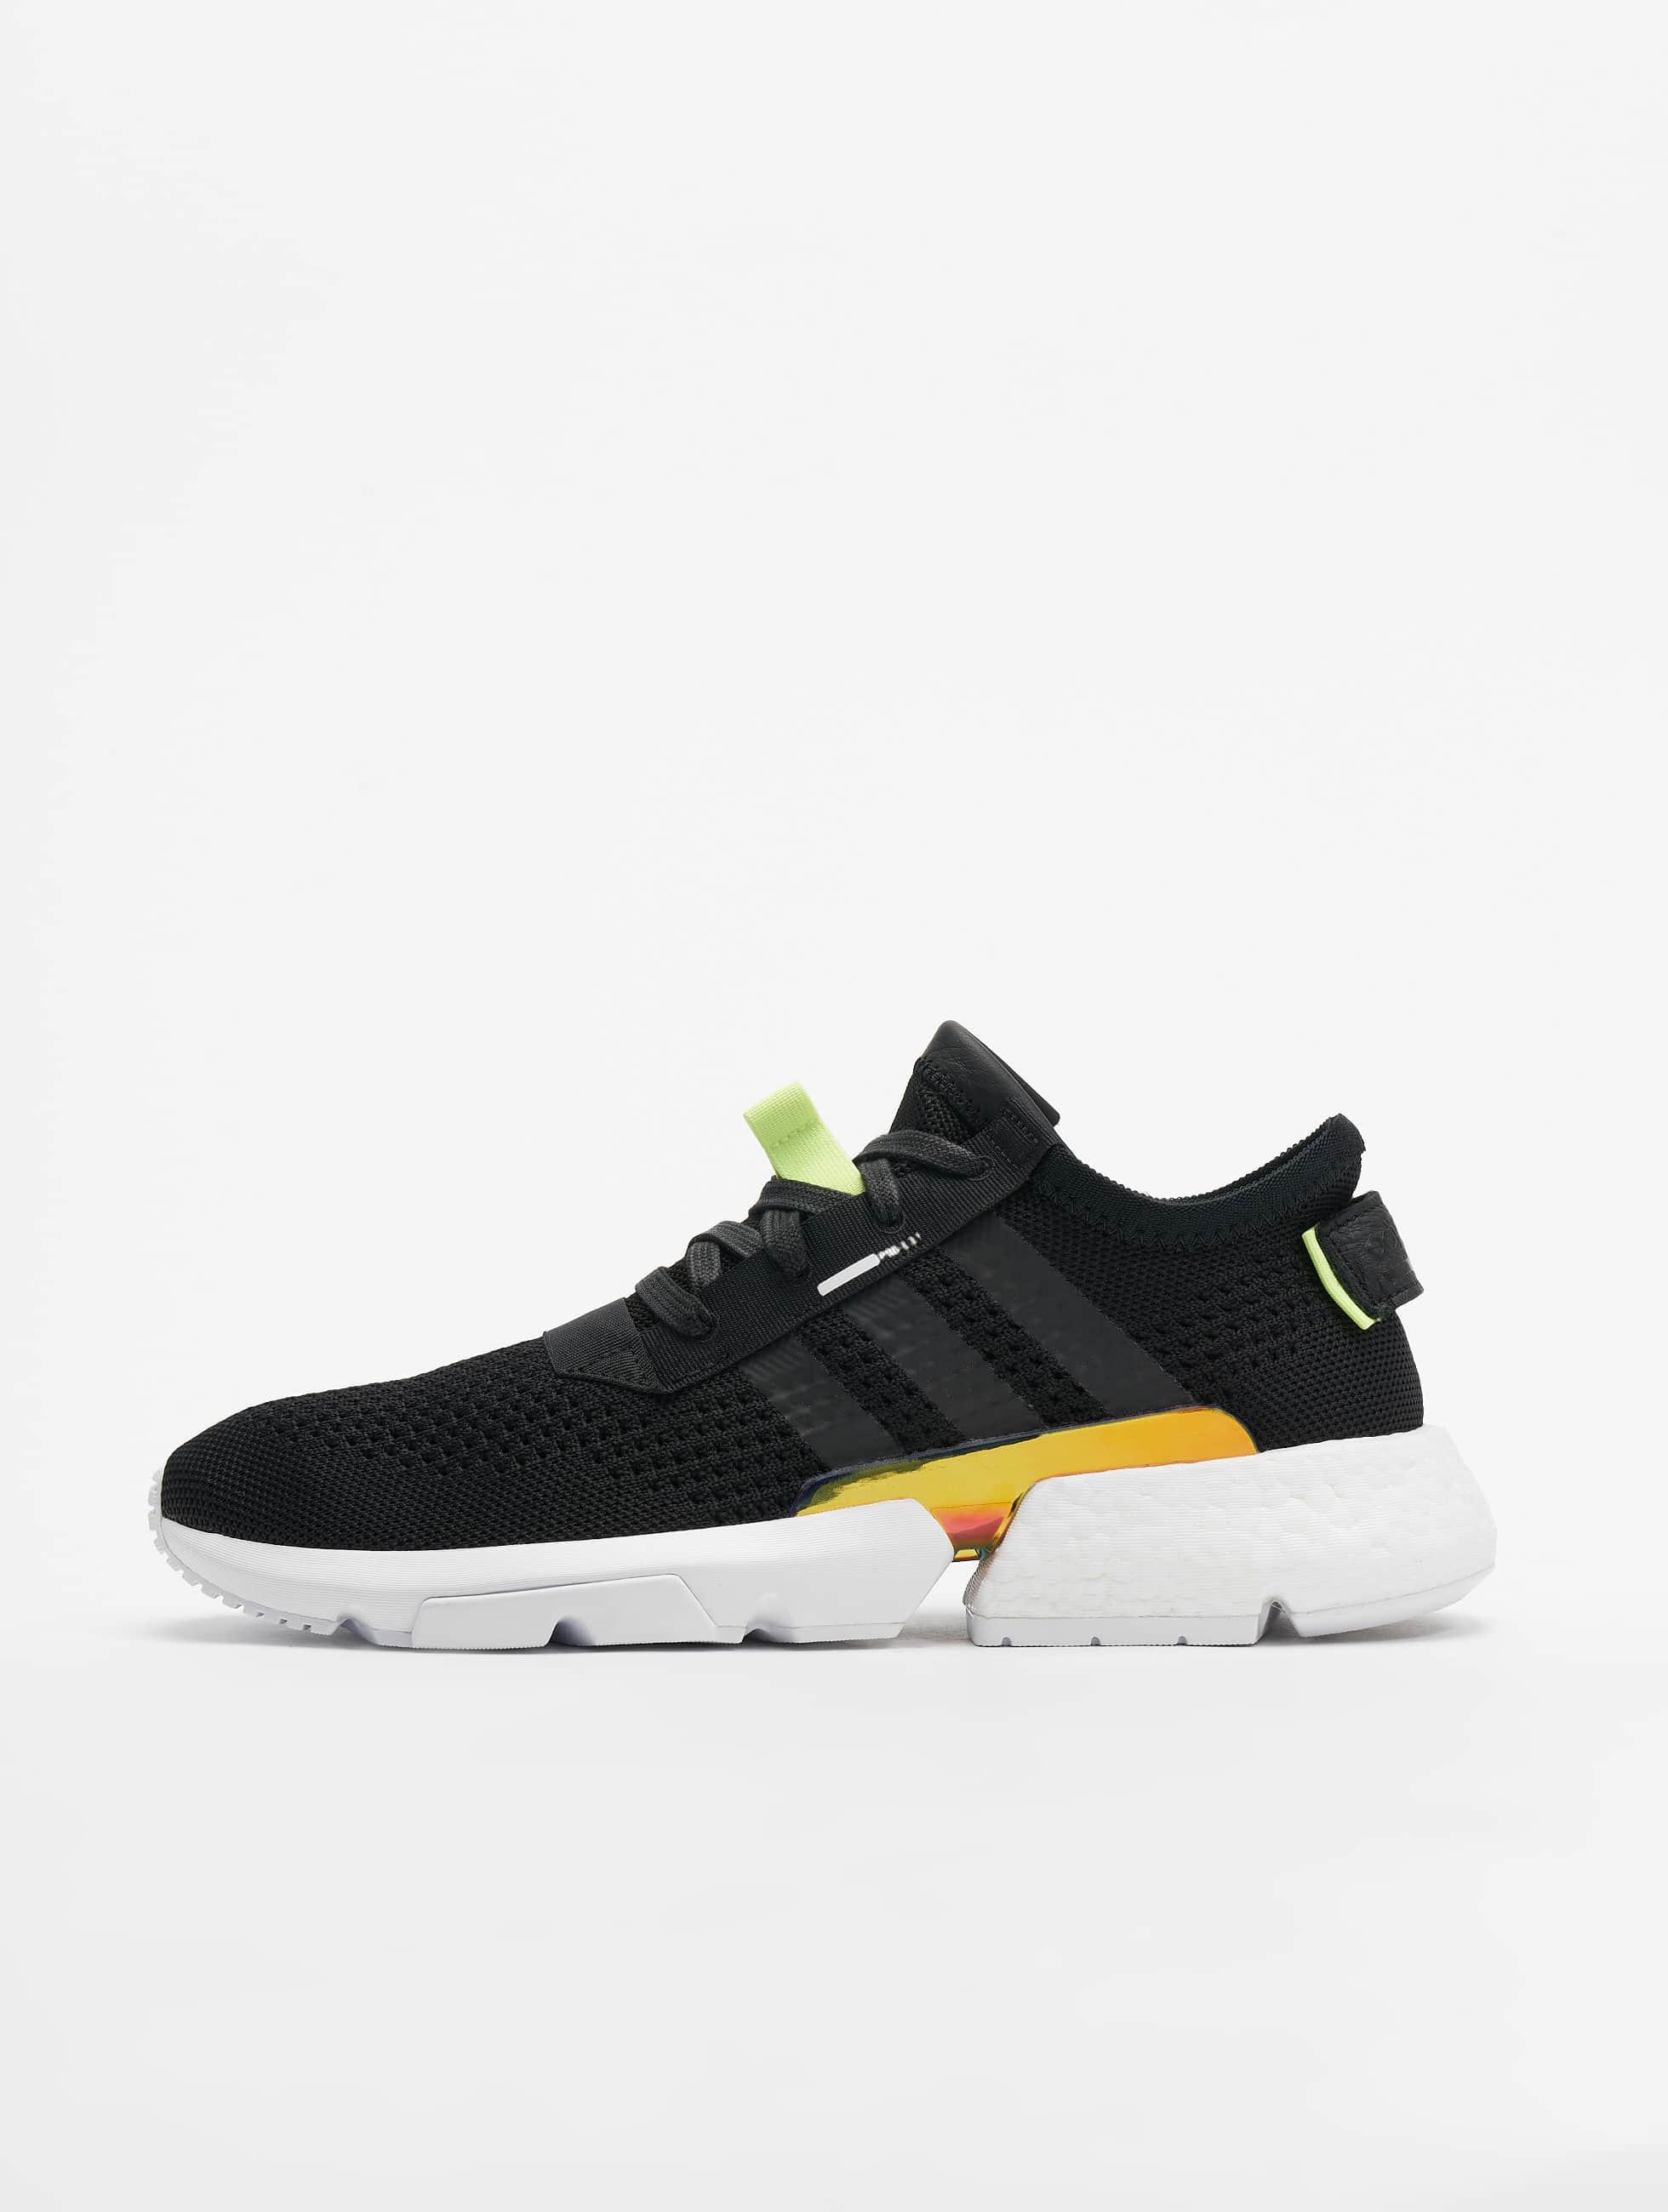 adidas Originals NMD_Racer PK Ftwr White